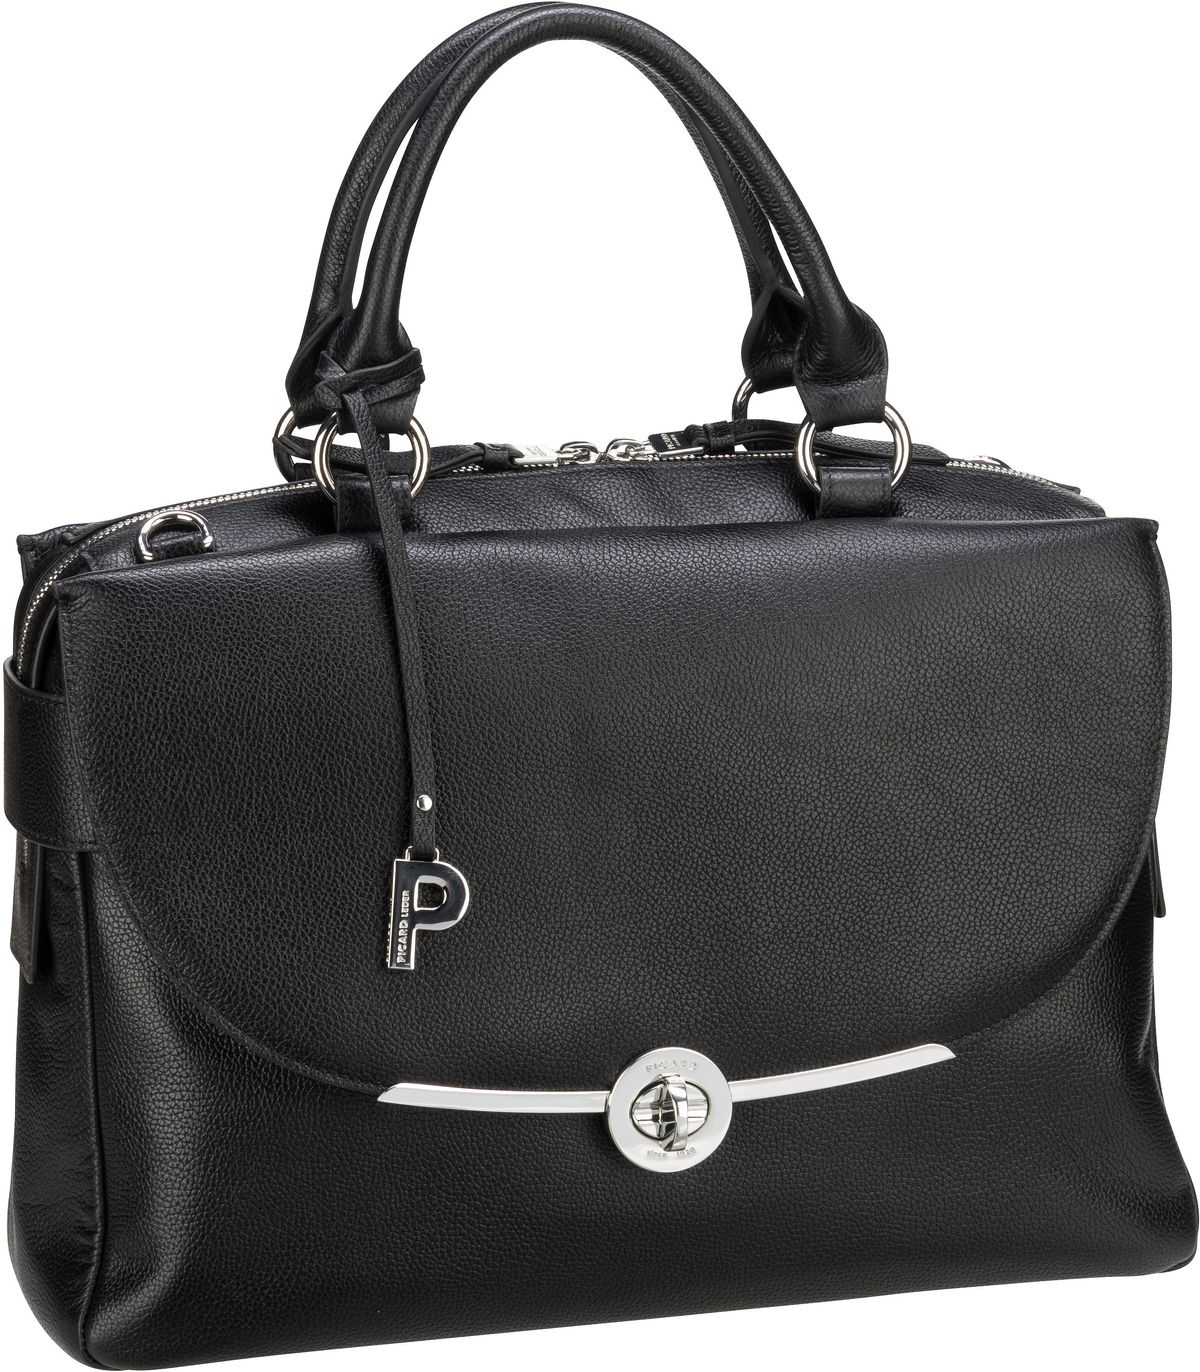 Handtasche Sylt 9704 Schwarz